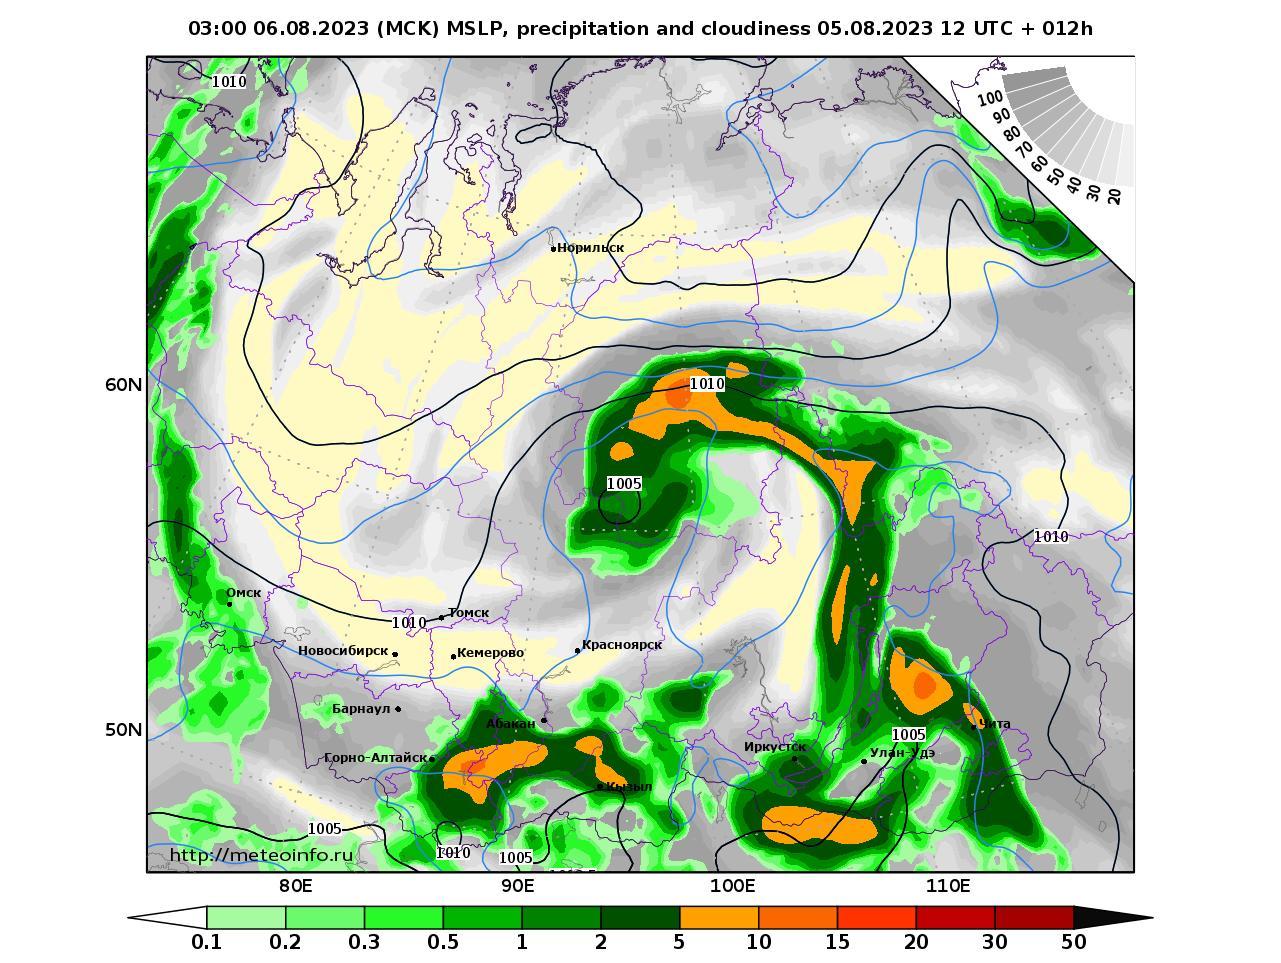 Сибирский Федеральный округ, прогностическая карта осадки и давление, заблаговременность прогноза 12 часов